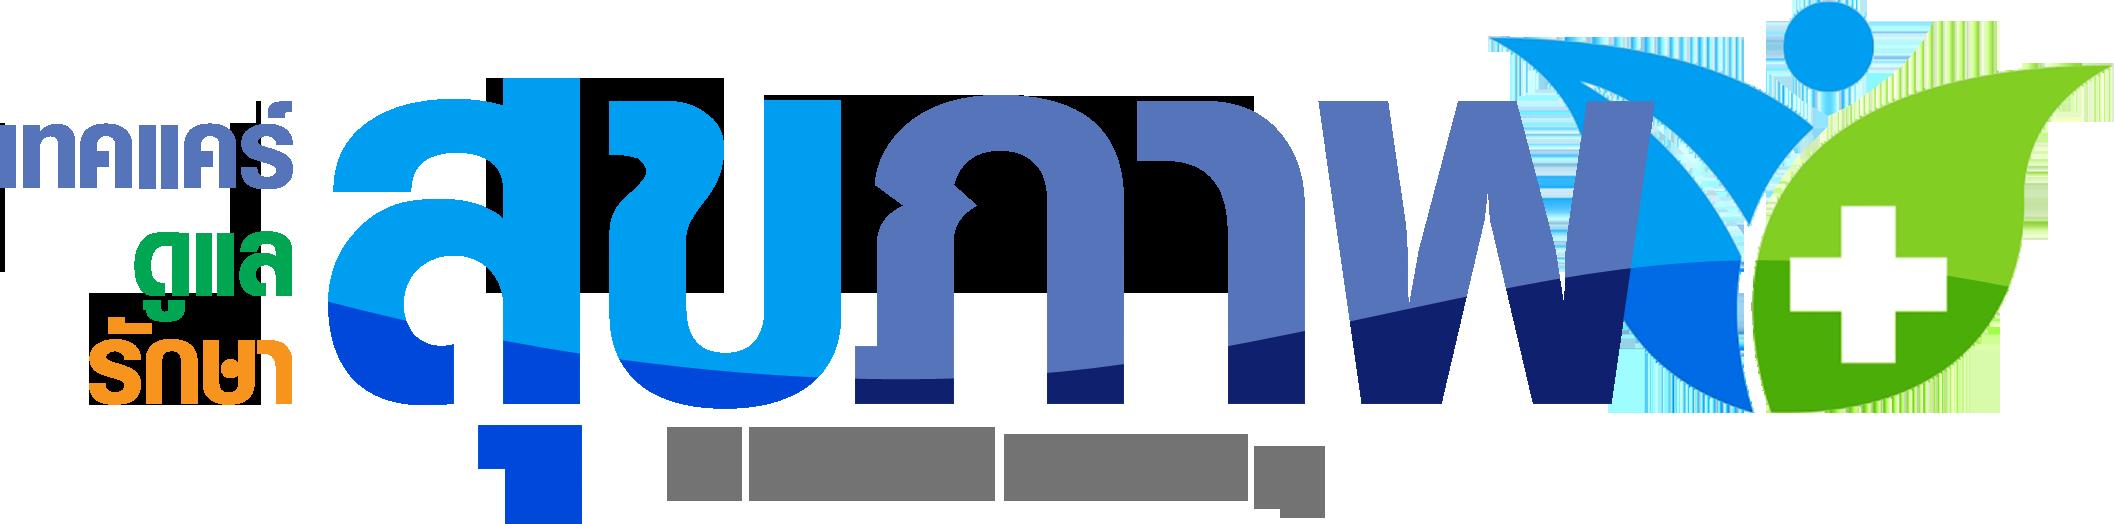 http://www.diezminutos.org/